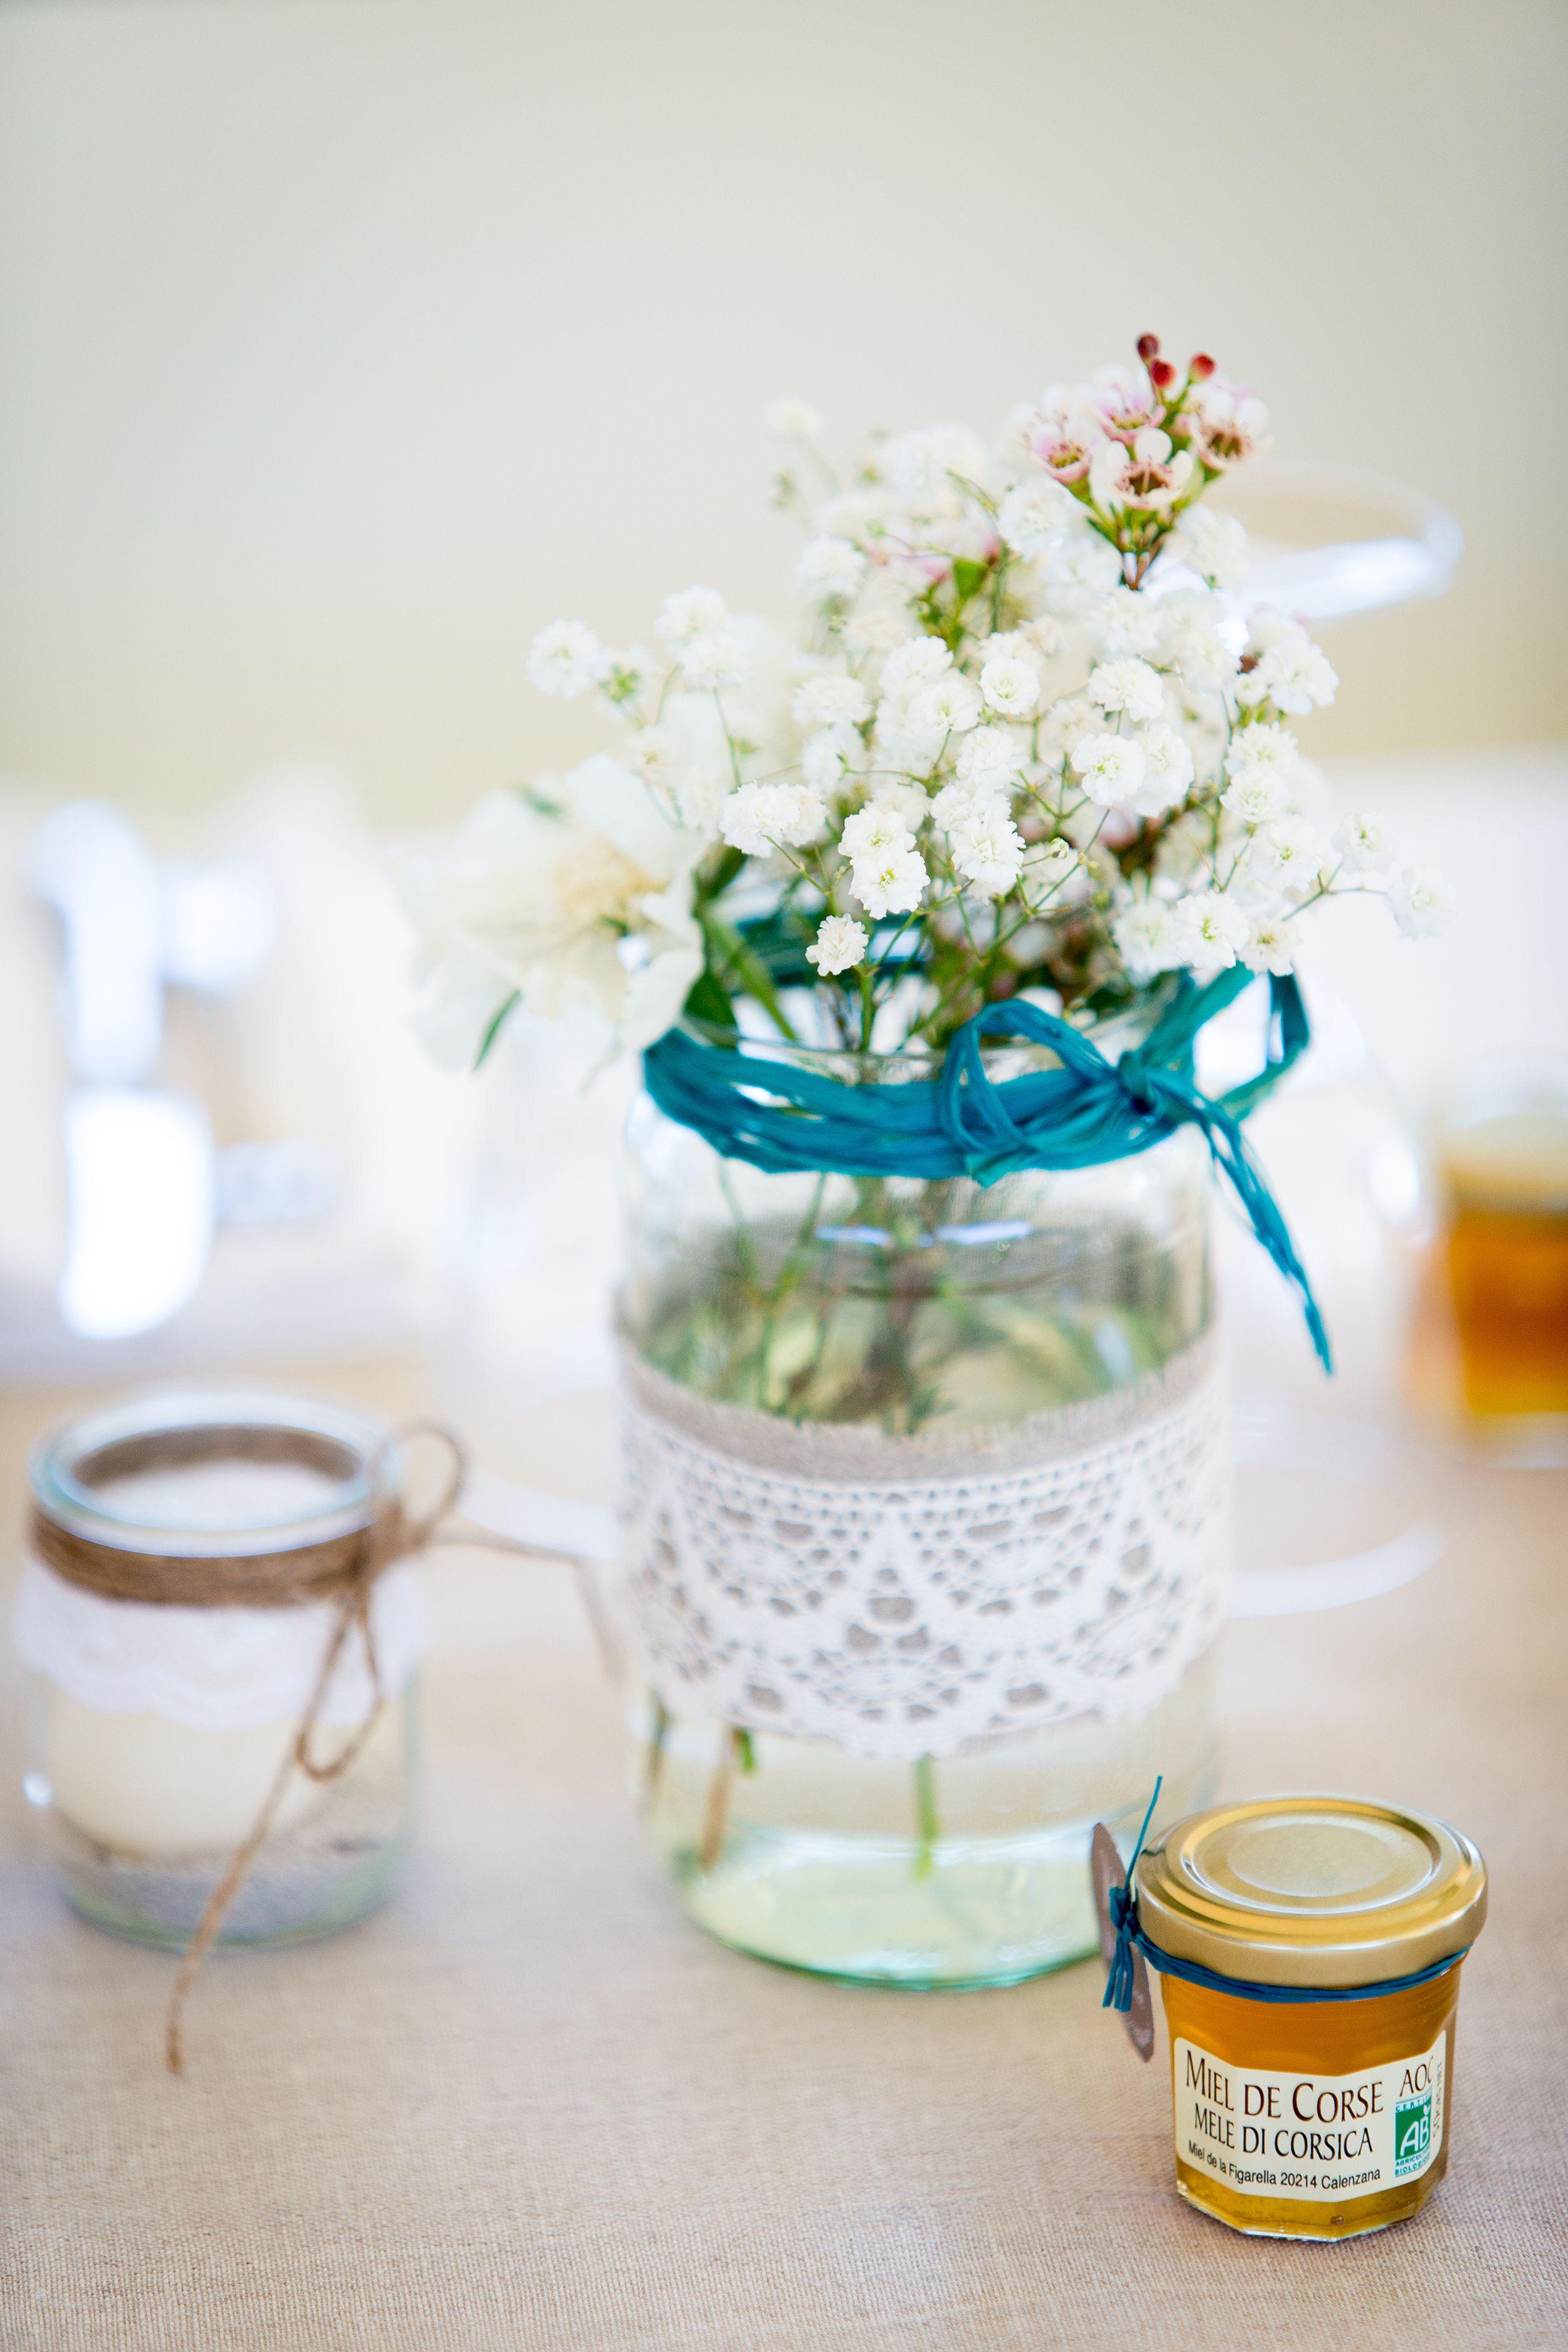 déco de table, chemin de table en lin, bougies et fleurs (gypsophile